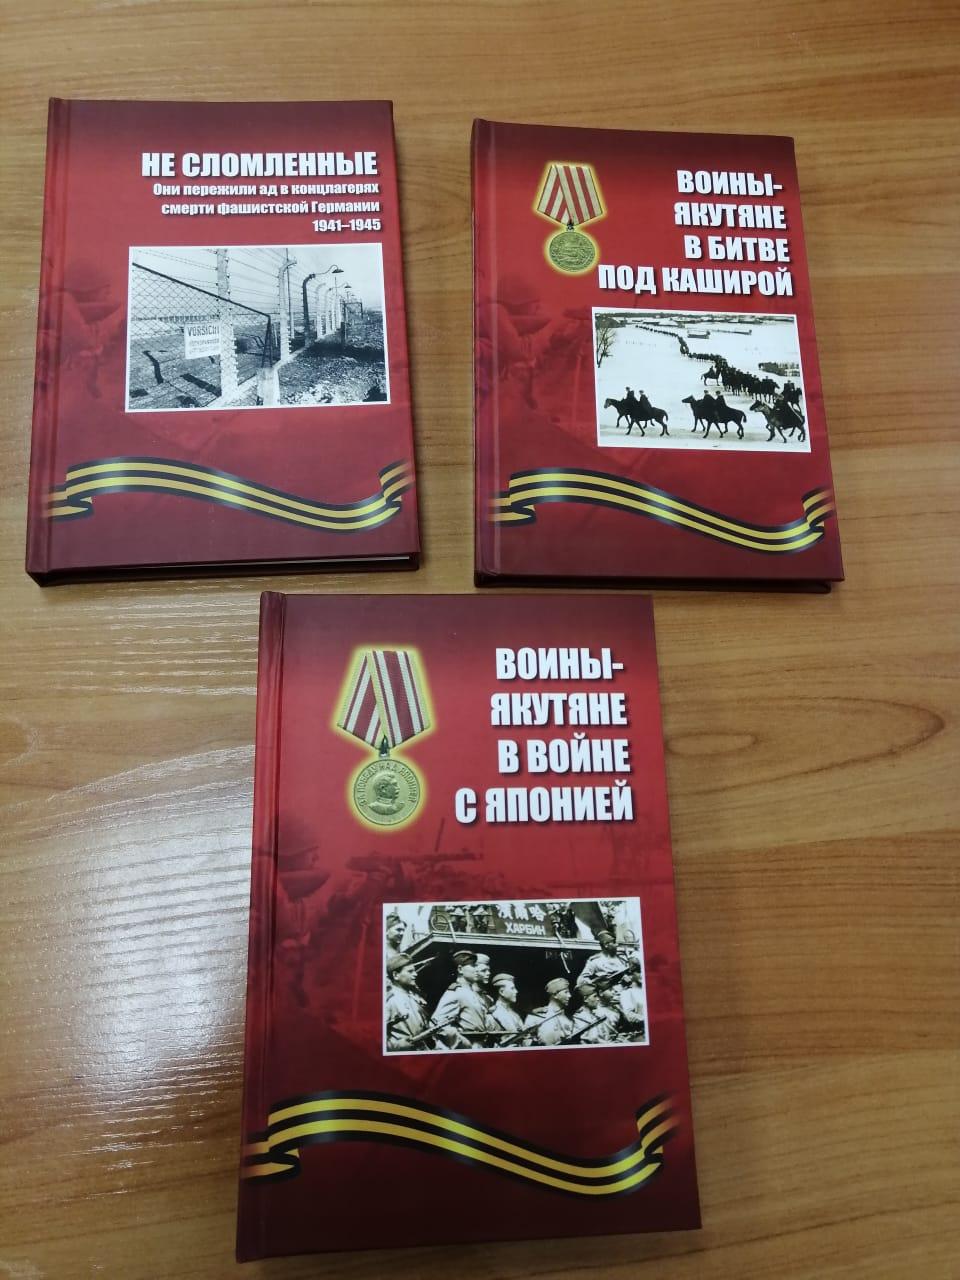 В Якутии презентуют книги и плакаты к 75-летию Великой Победы в Великой Отечественной войне